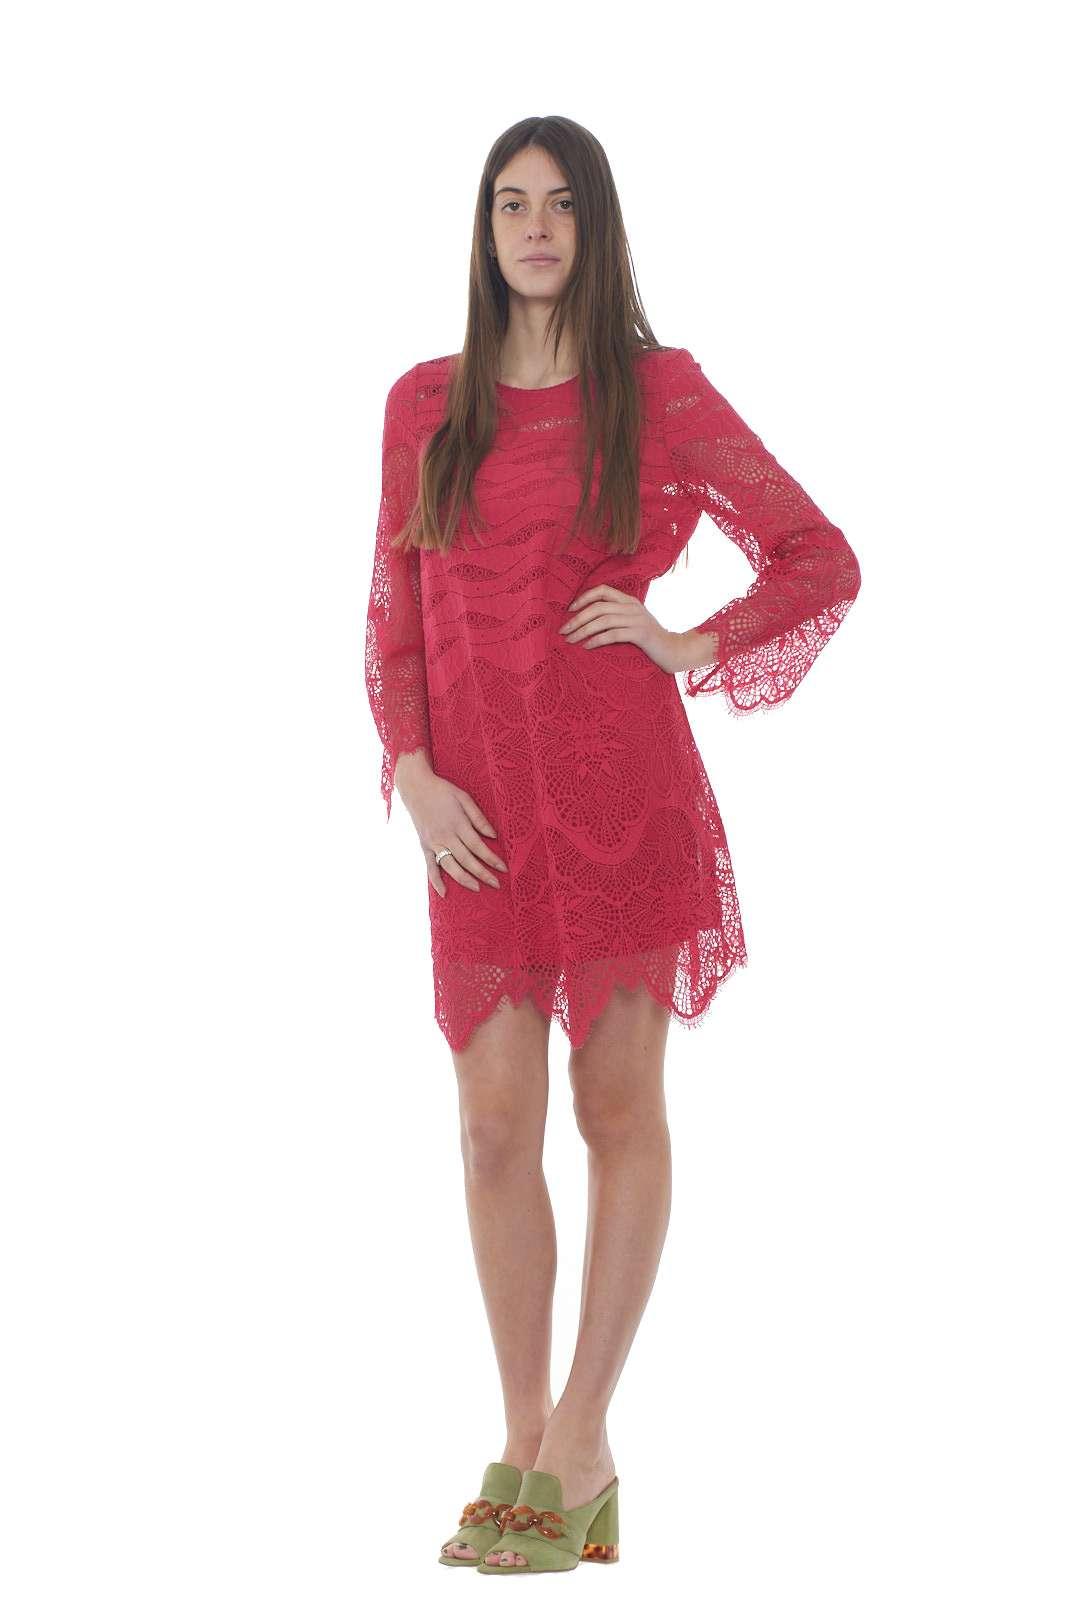 Perfetto per le occasioni più eleganti, l'abito donna firmato Twinset Milano conquista con il suo stile glamour. Un capo in pizzo rebrodè dal taglio morbido per unire il gusto alla classe. Da indossare con un tacco alto per rendere unico il proprio look.